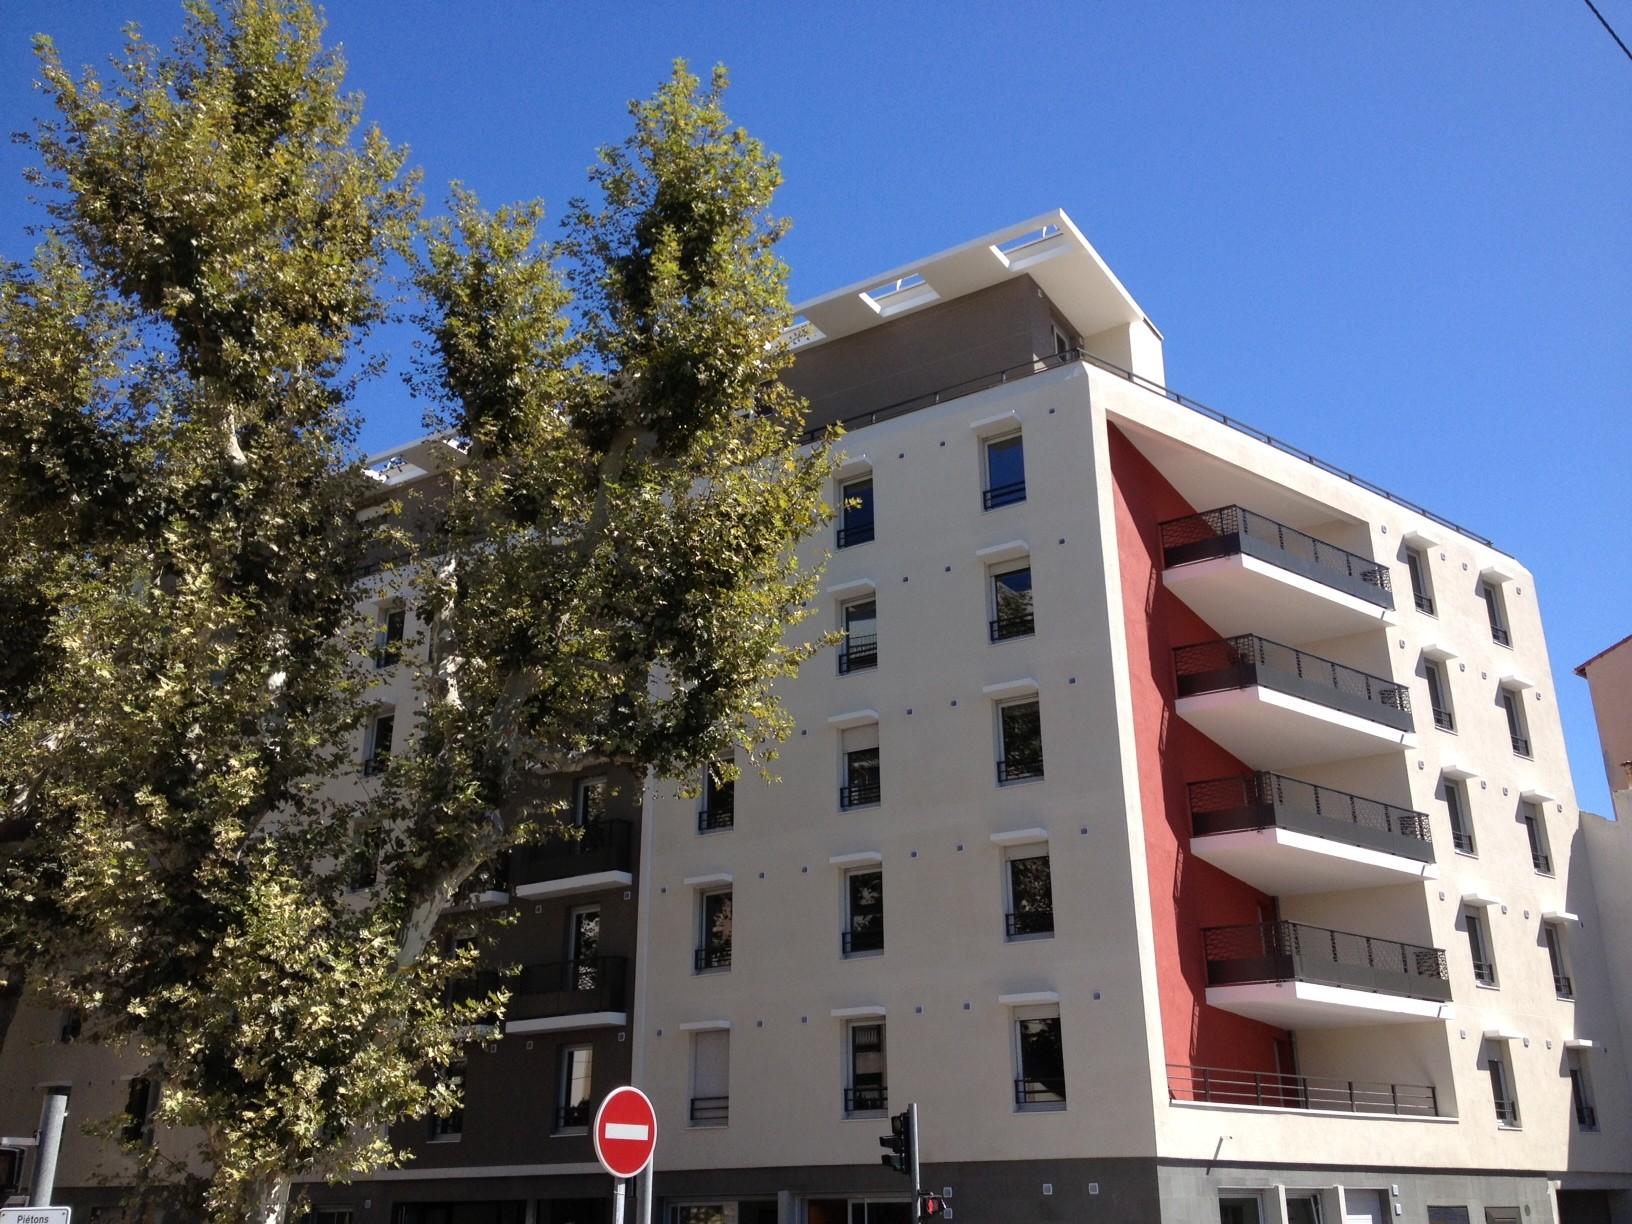 Location CAP ETUDES - CAP'ÉTUDES TIMONE II  - Marseille   05ème arrondissement (13005)